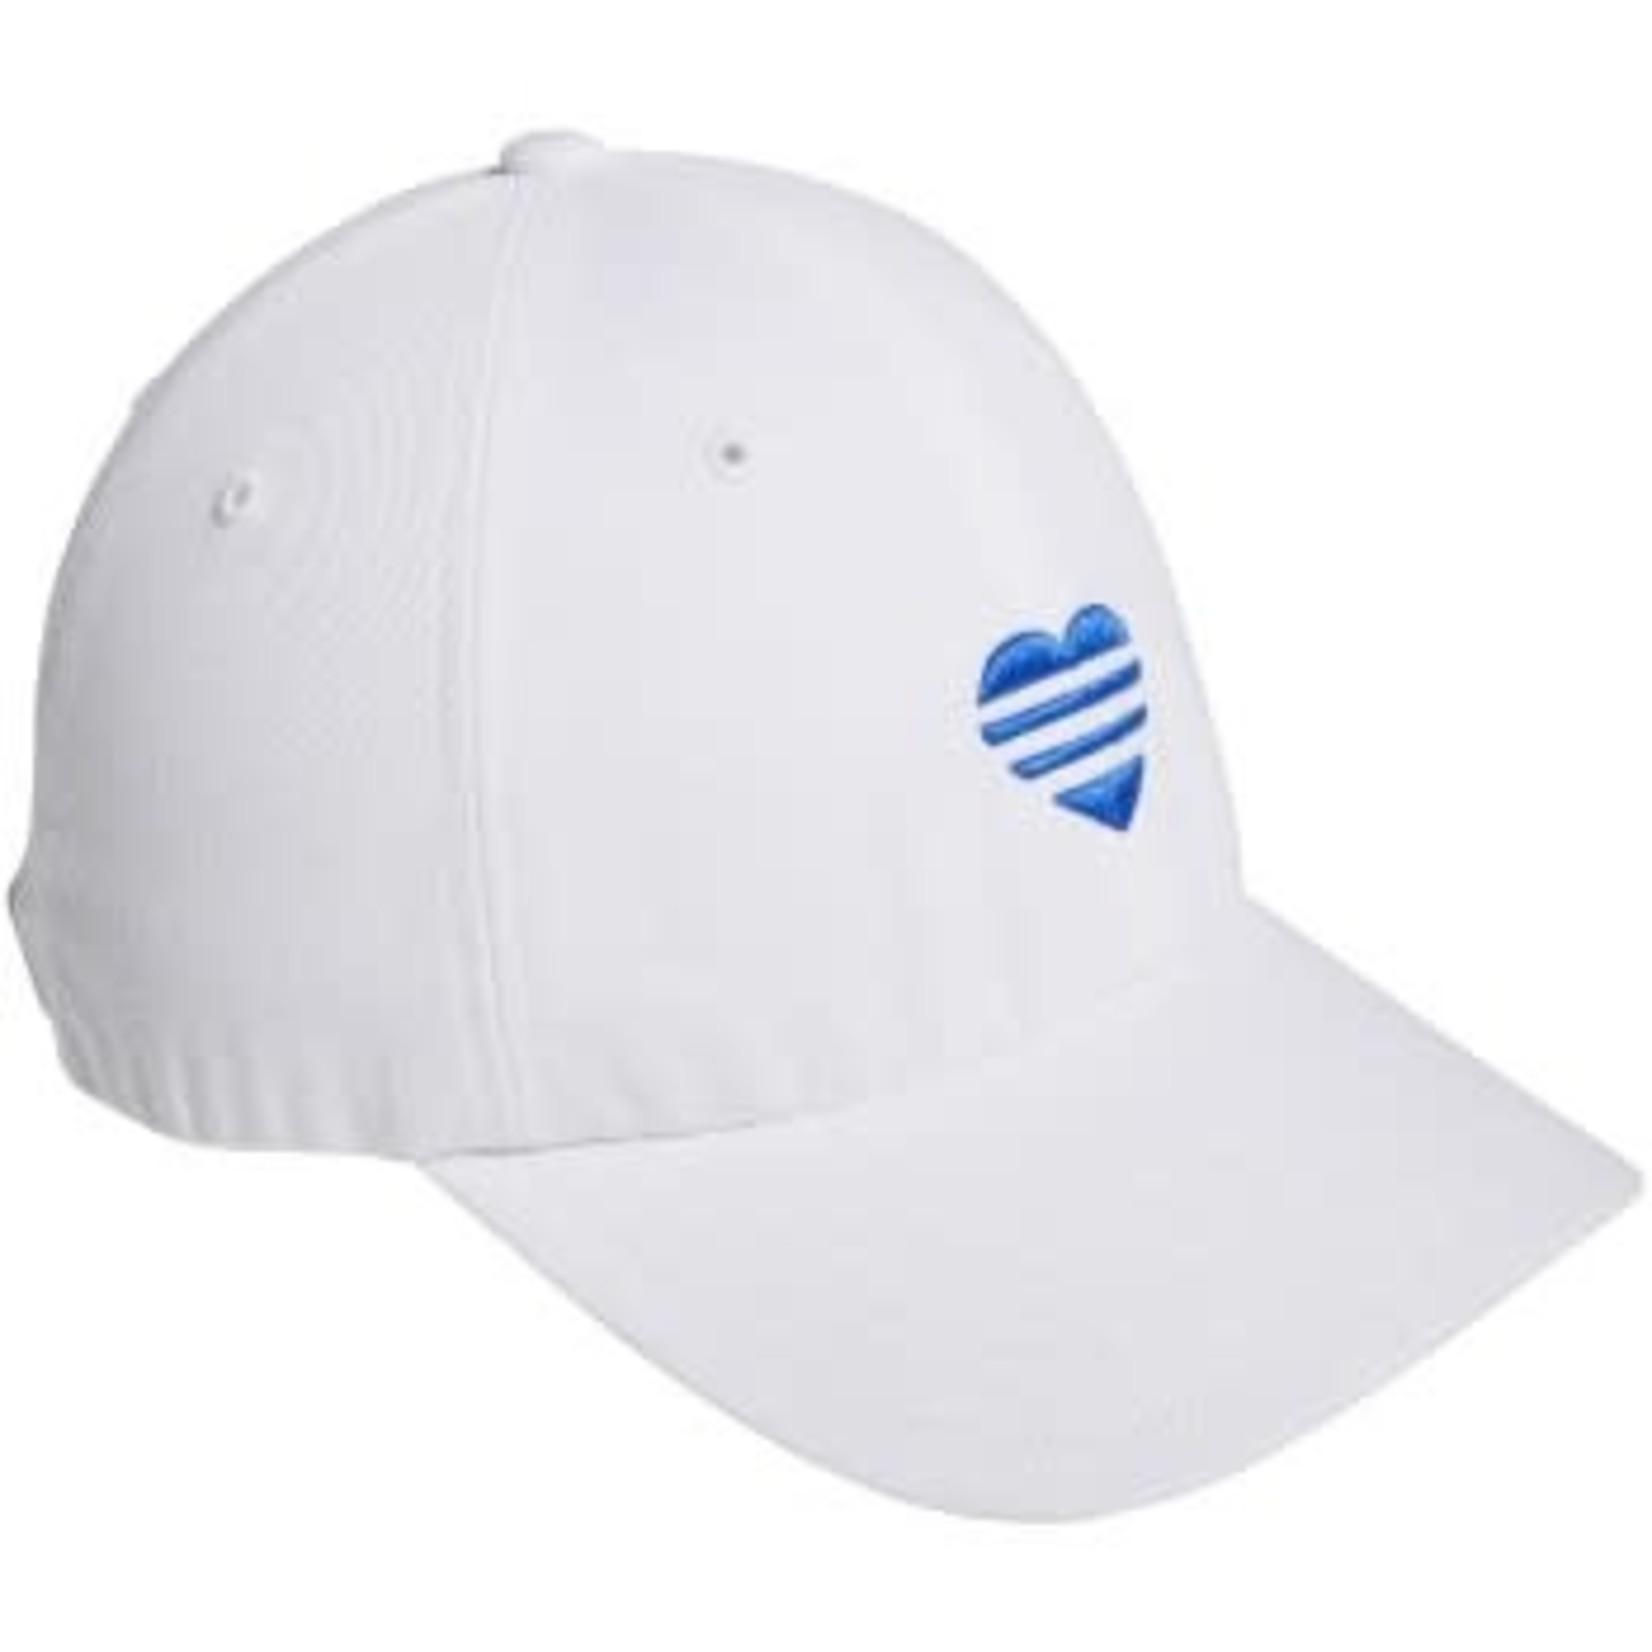 Adidas Women's 3 Stripe Heart Hat